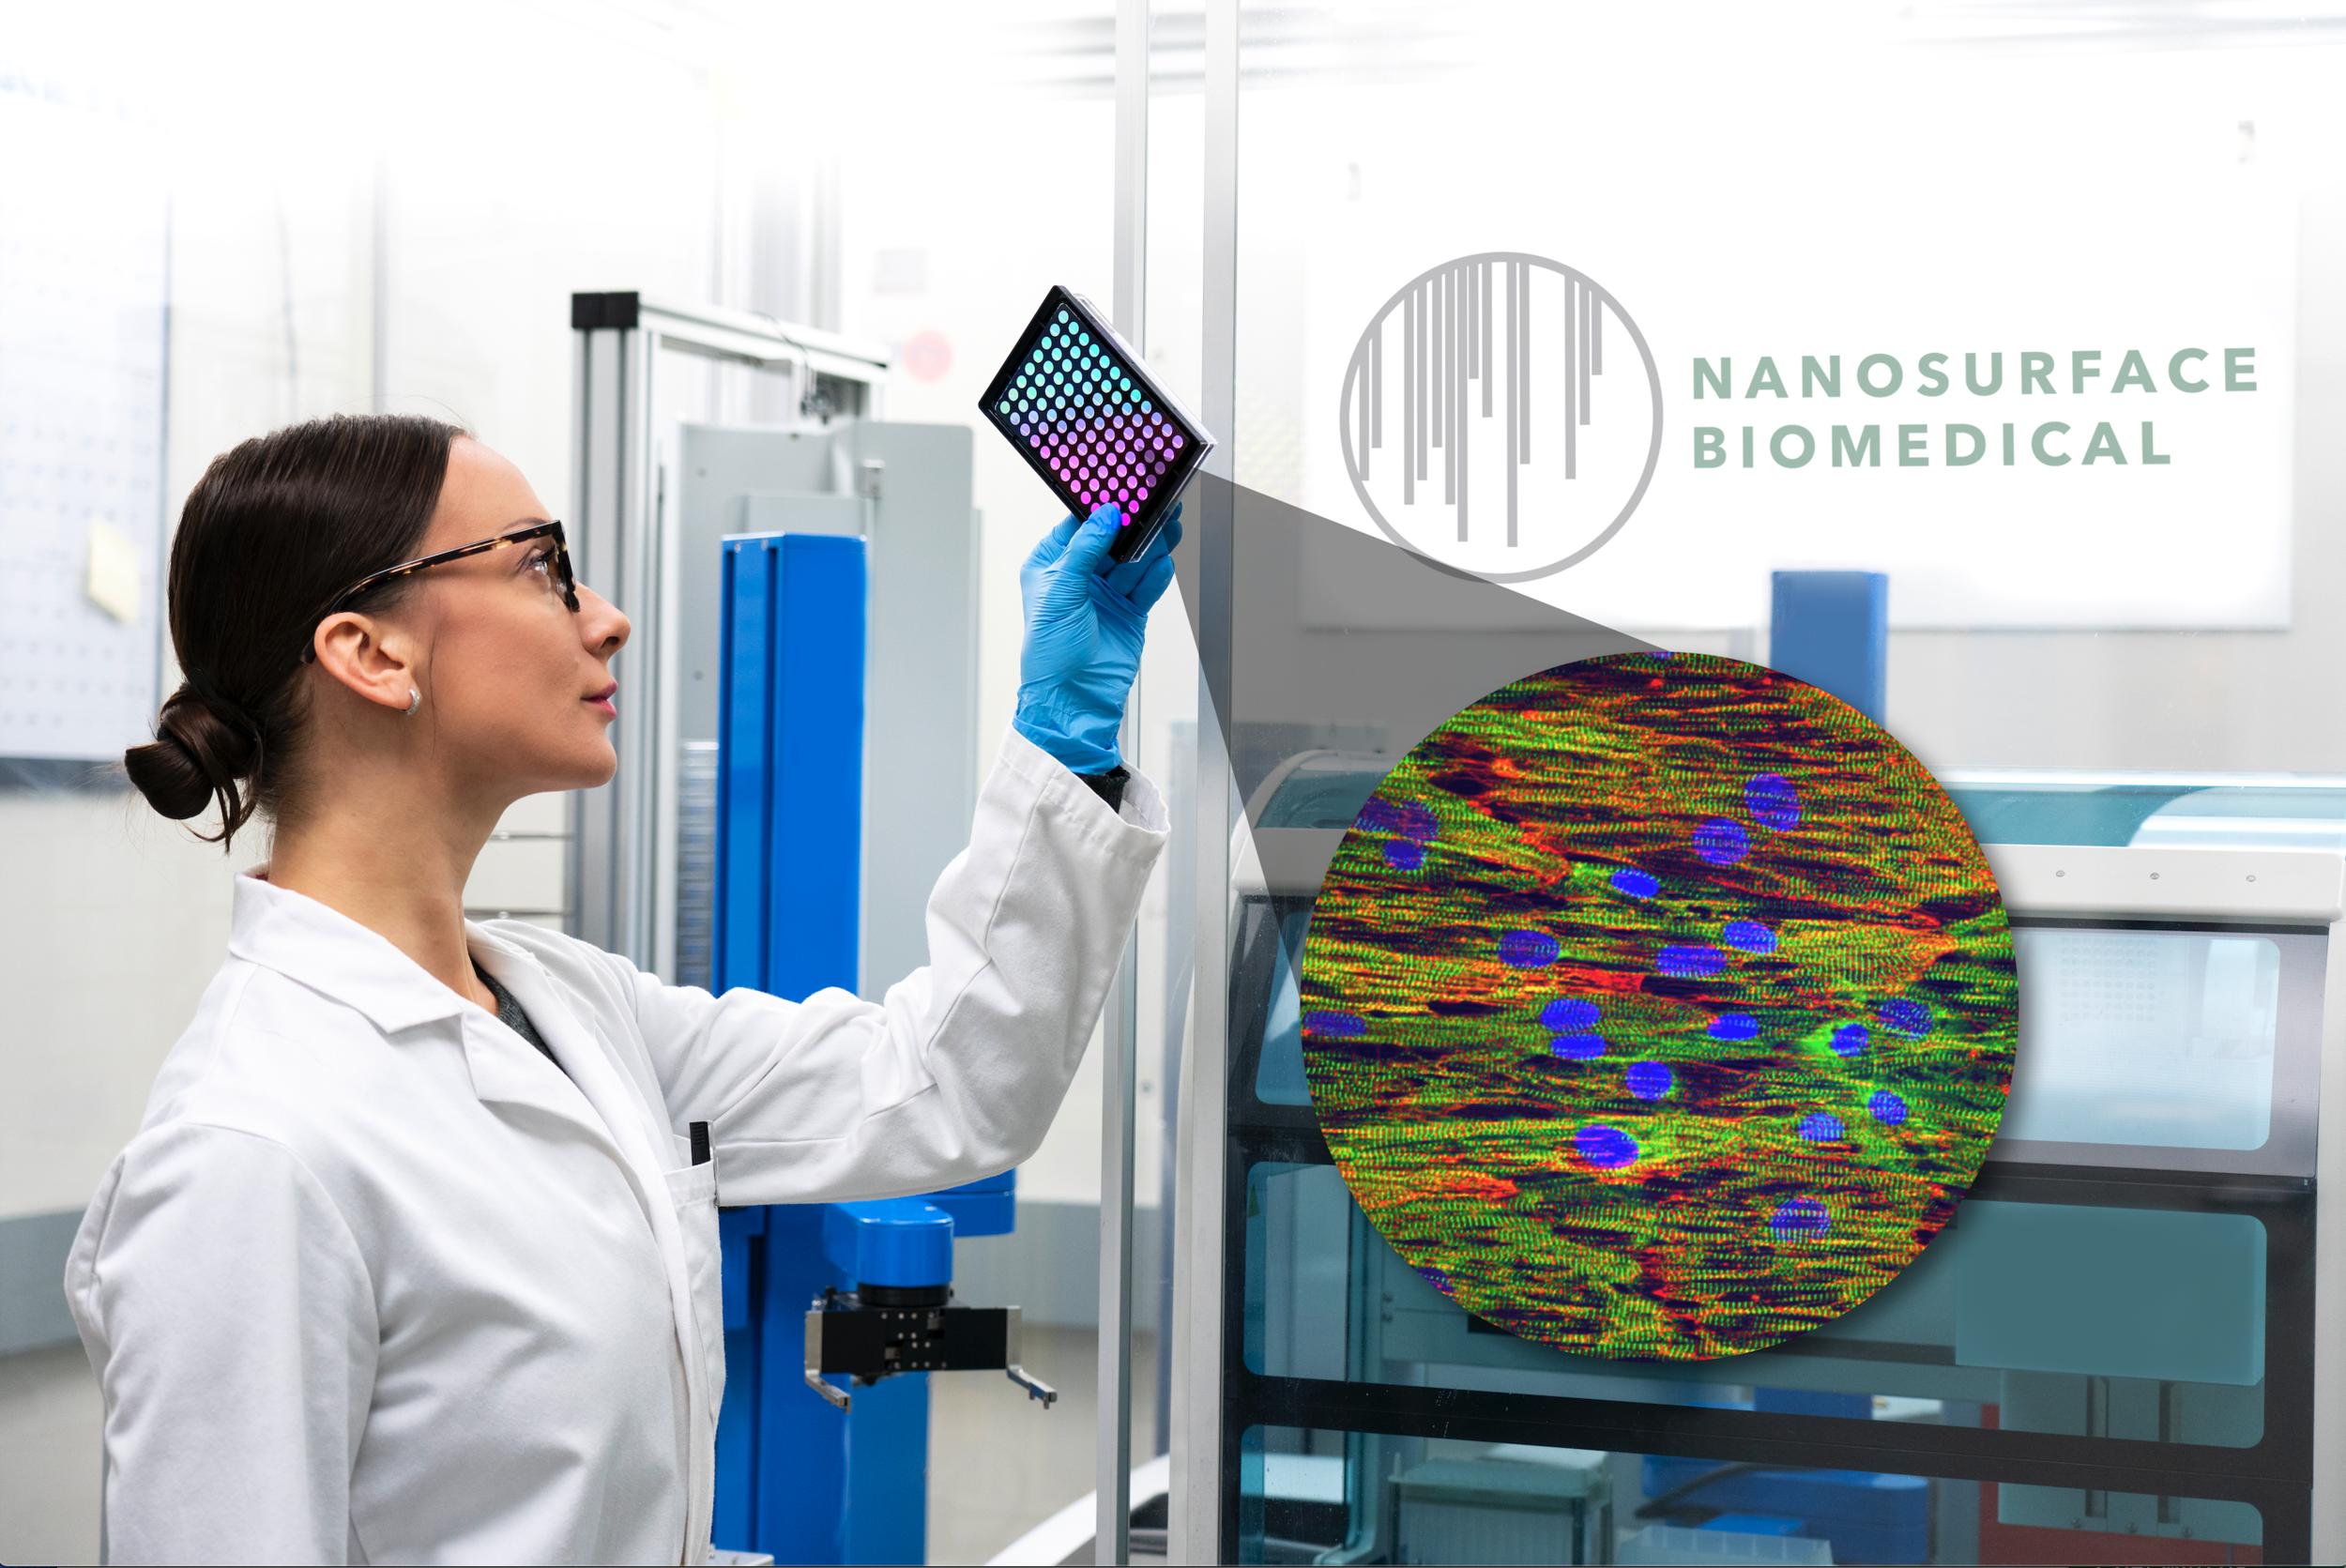 NanoSurface Carina platform structurally matured iPSC cardiomyocytes